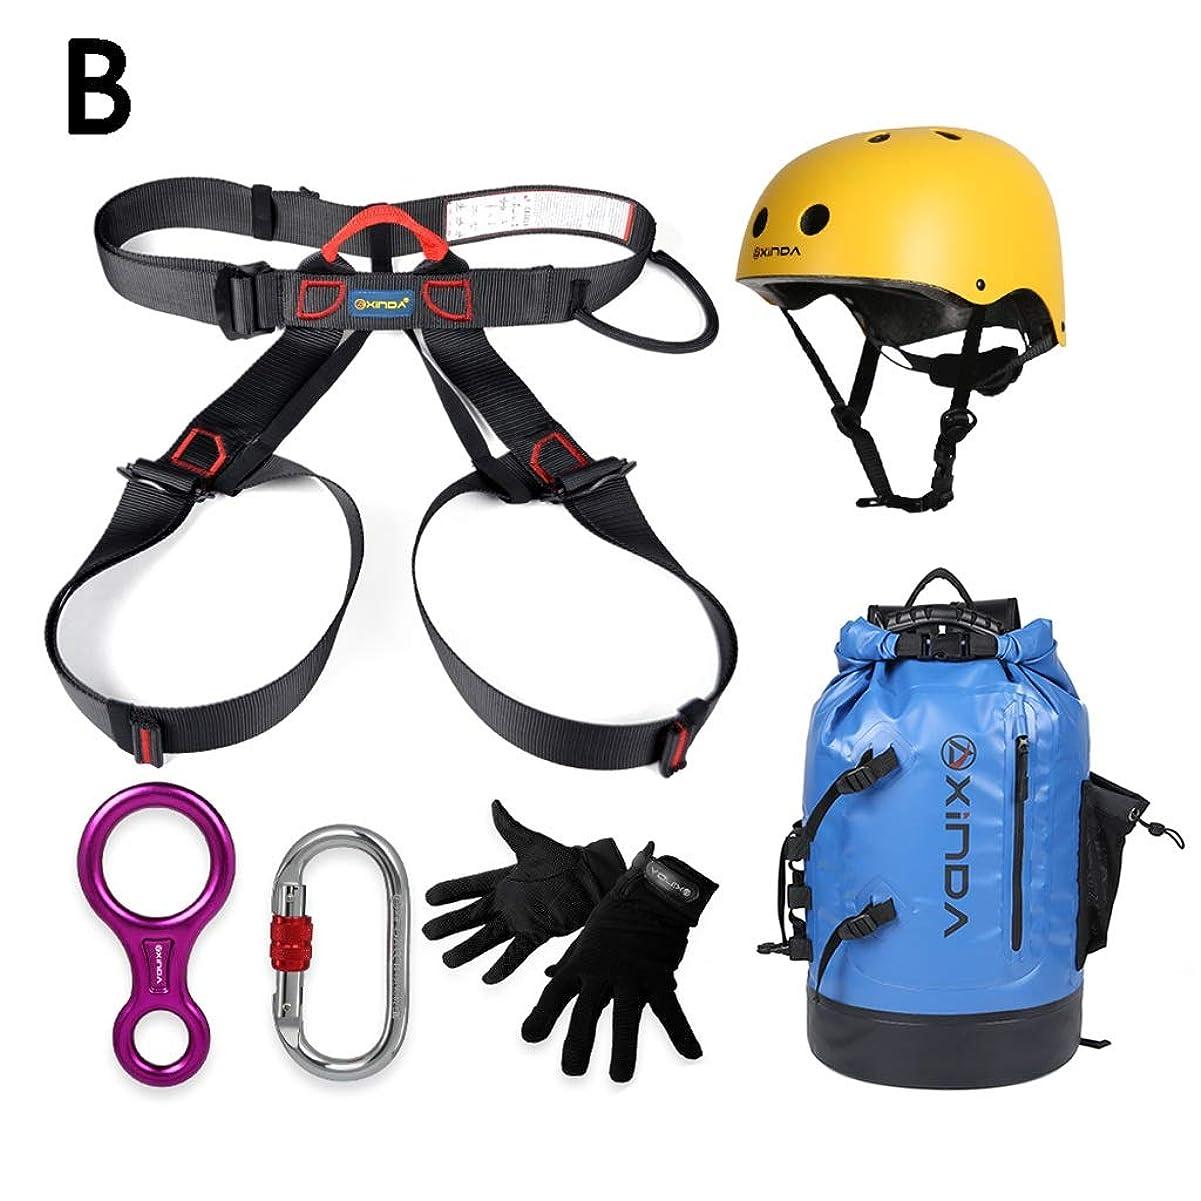 マッシュ高音配るアウトドア登山クライミングスピードドロップセットハイエアージョブ保護セットロックキャッチシートベルト降下機 (色 : B)